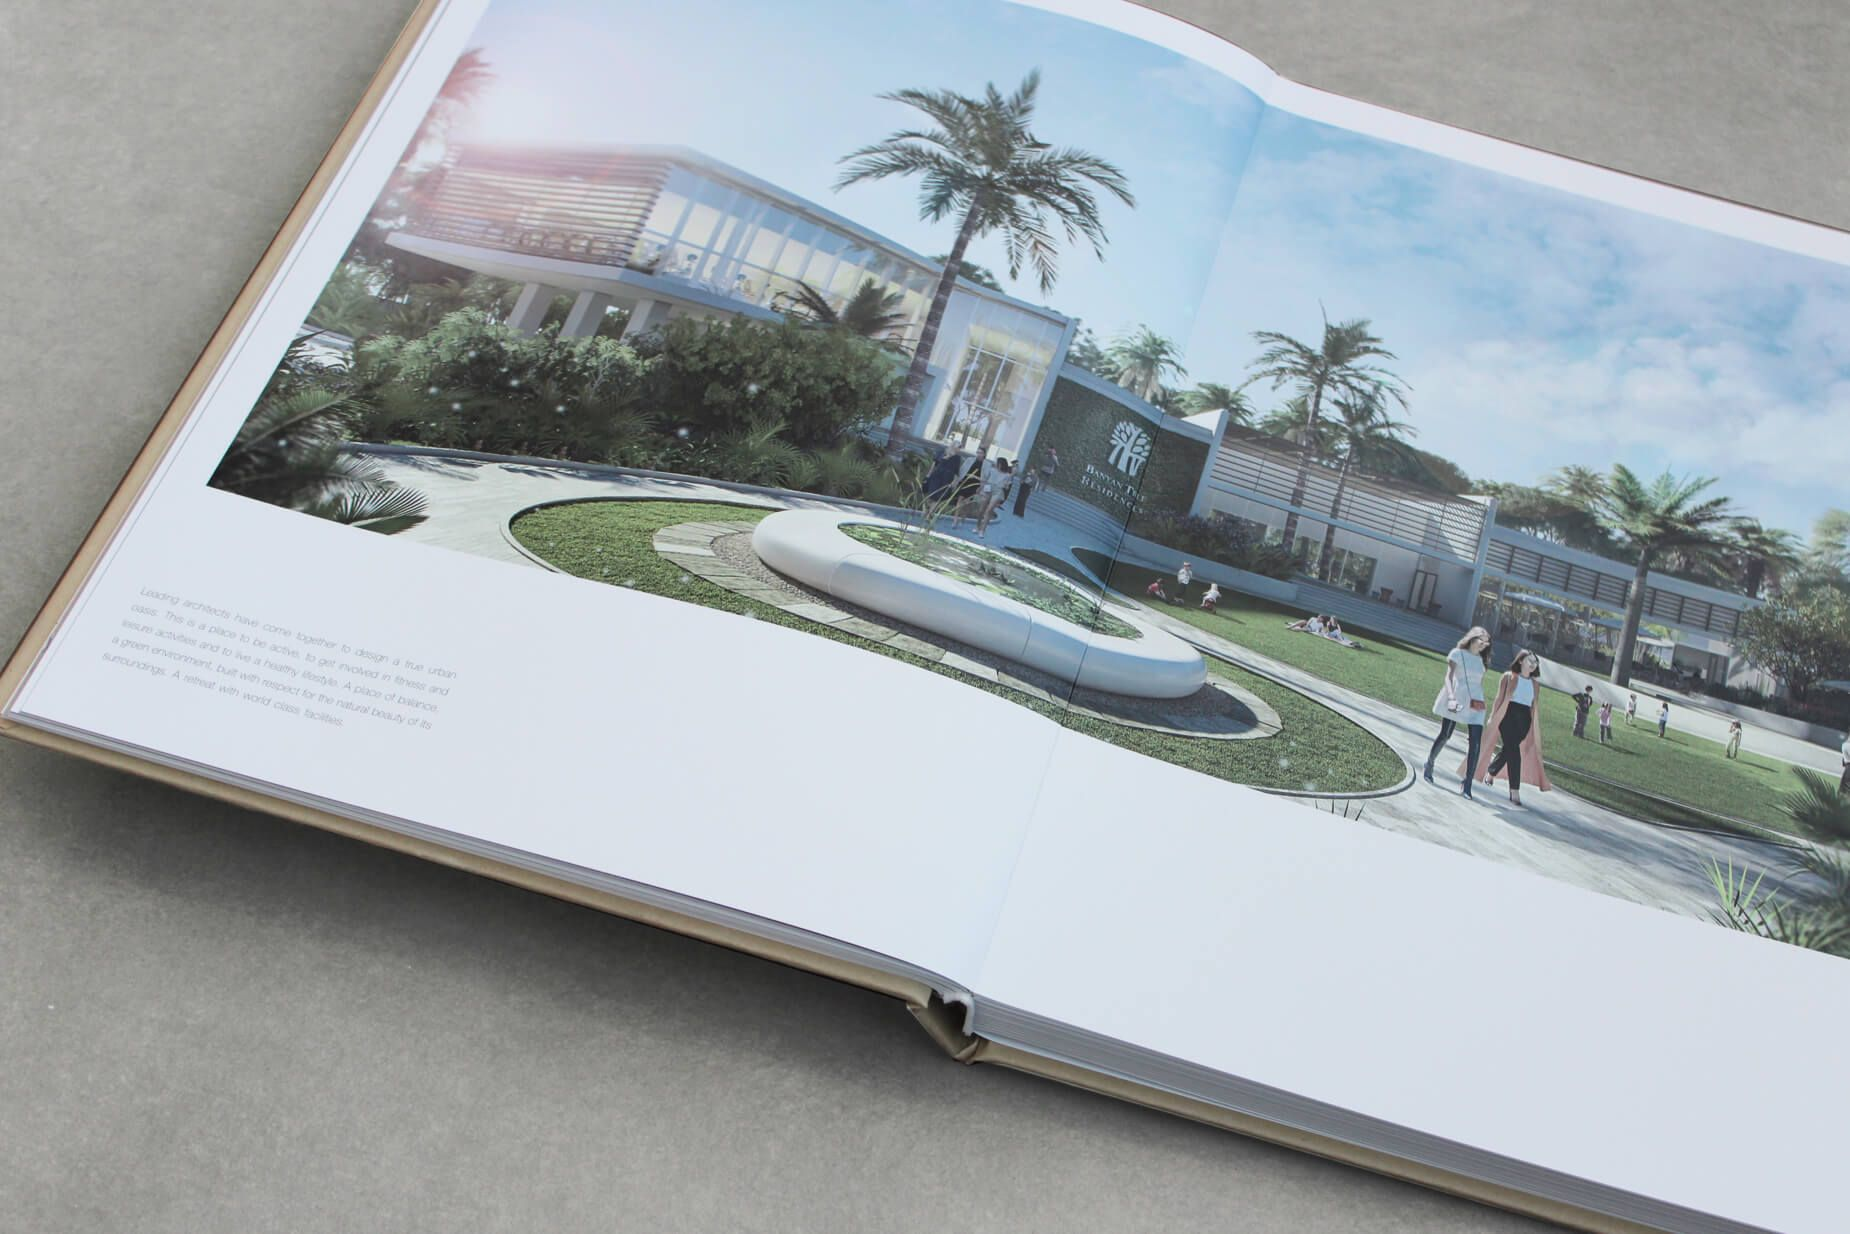 banyan-book-cover-3.jpg